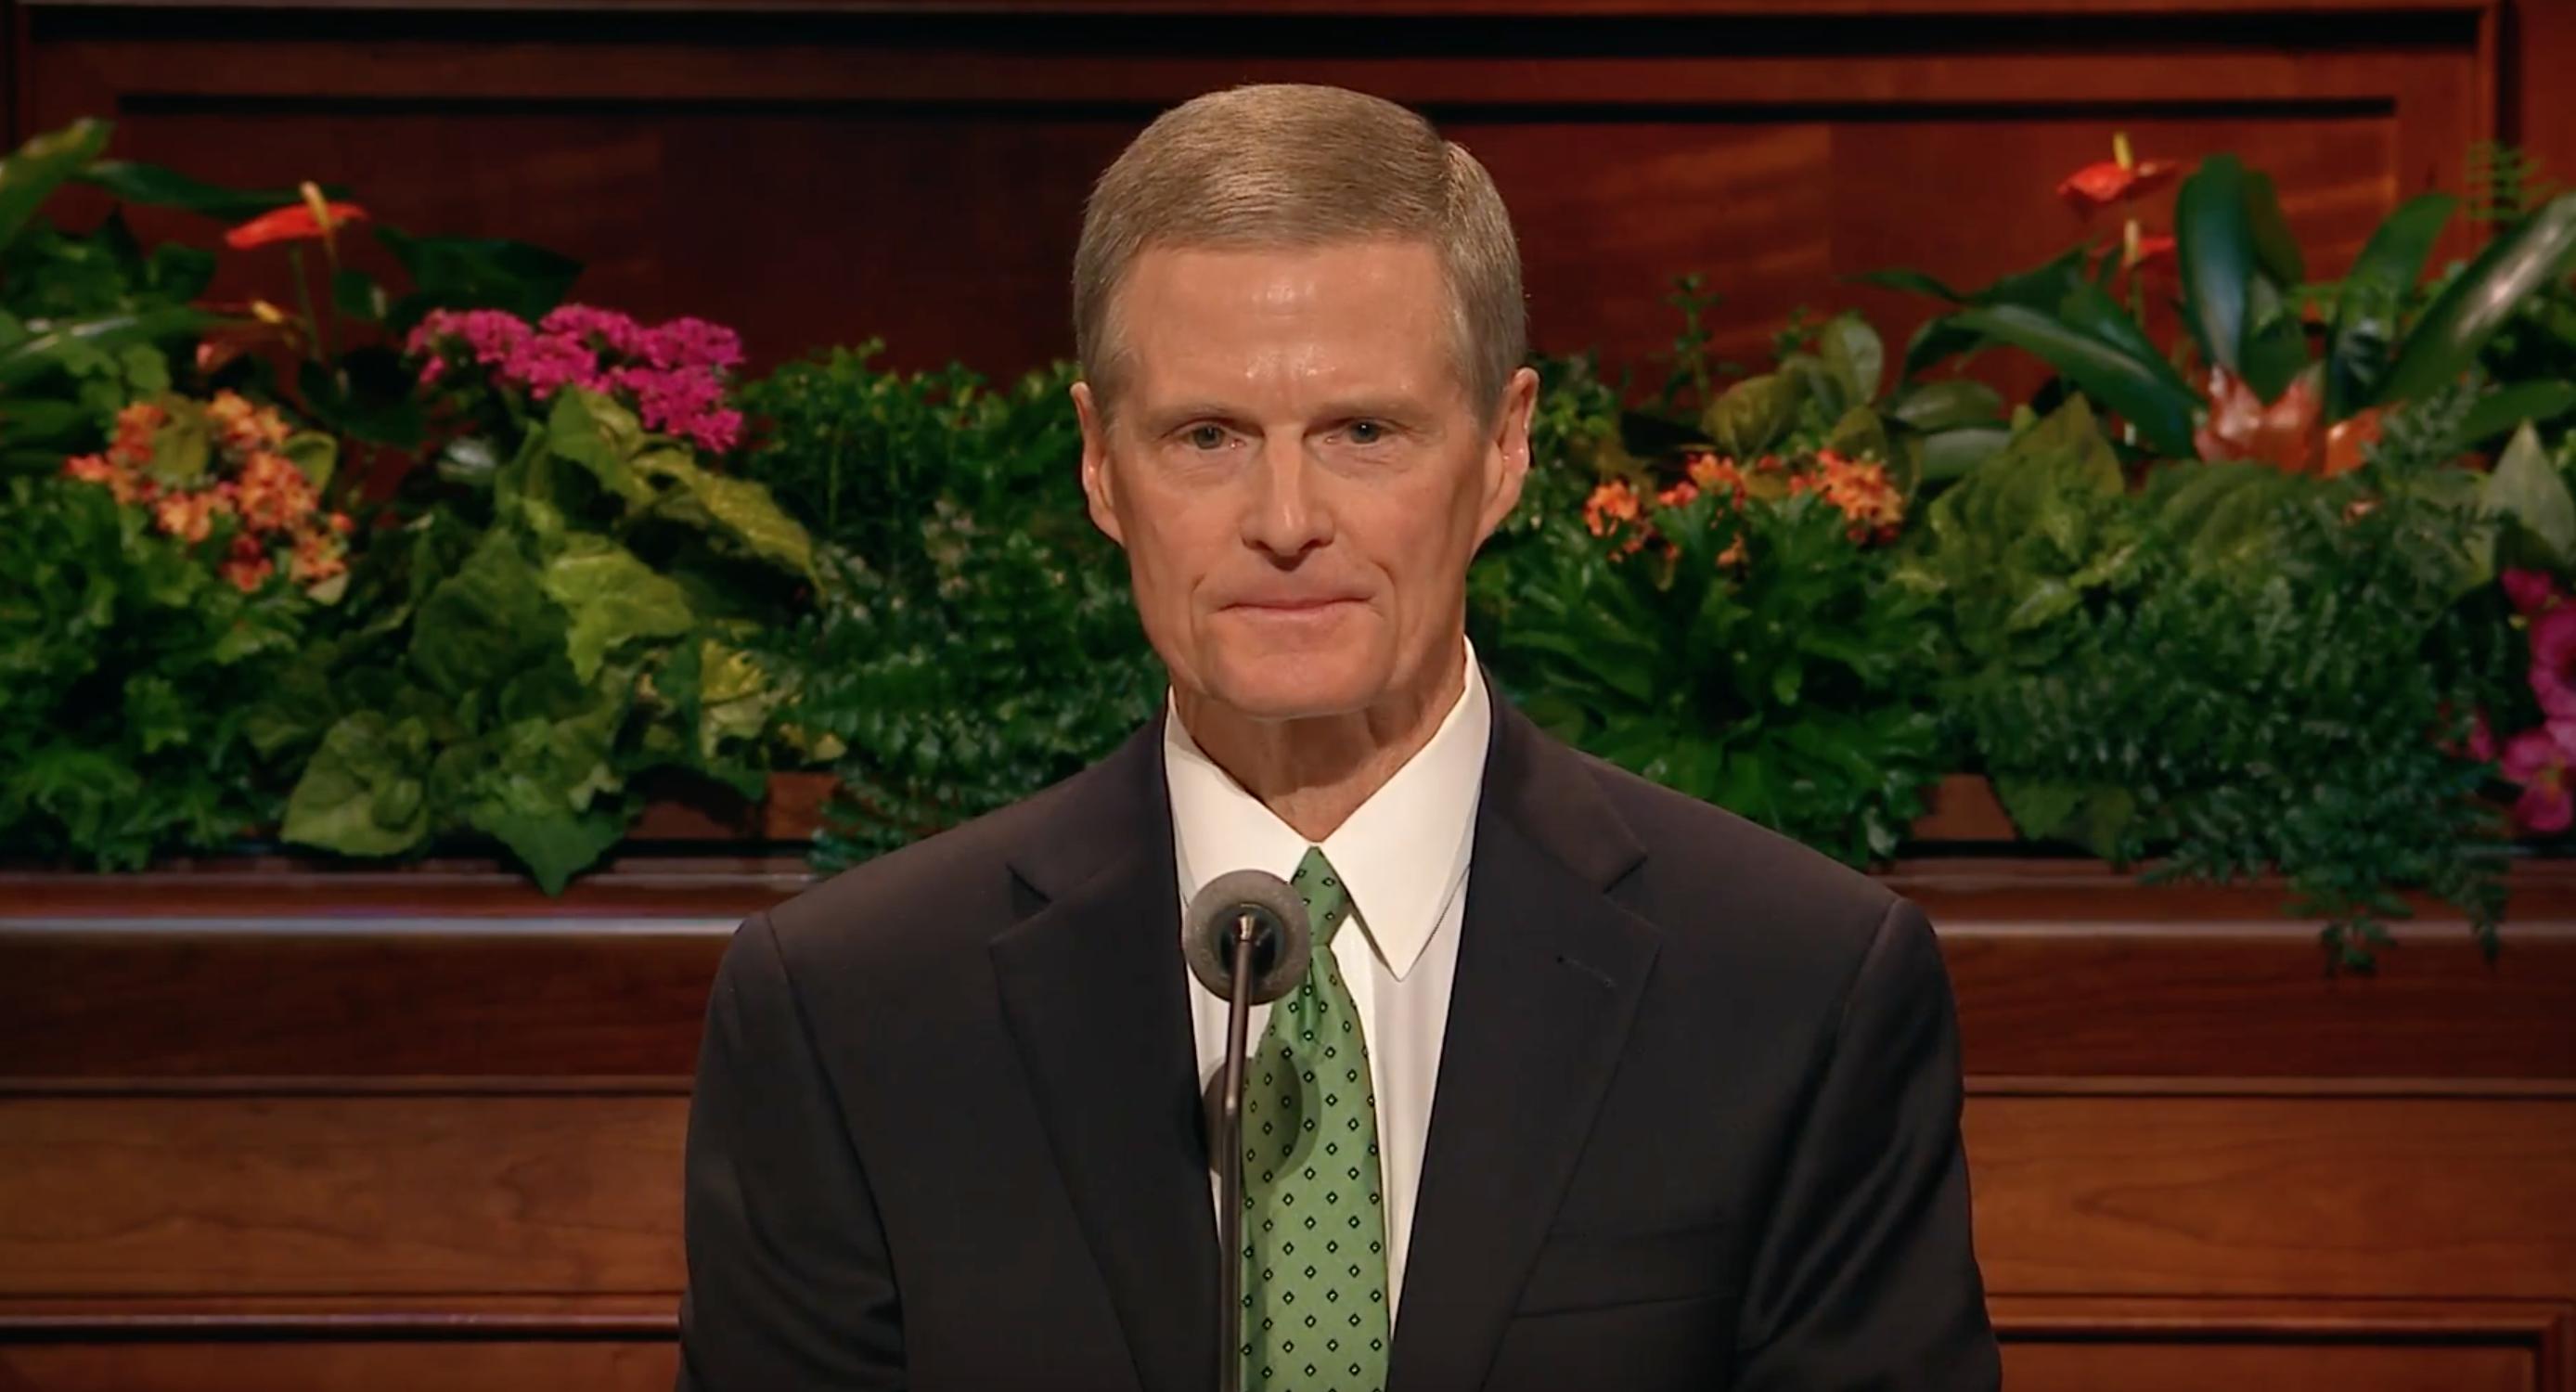 Elder David A. Bednar delivers his October 2018 general conference address.